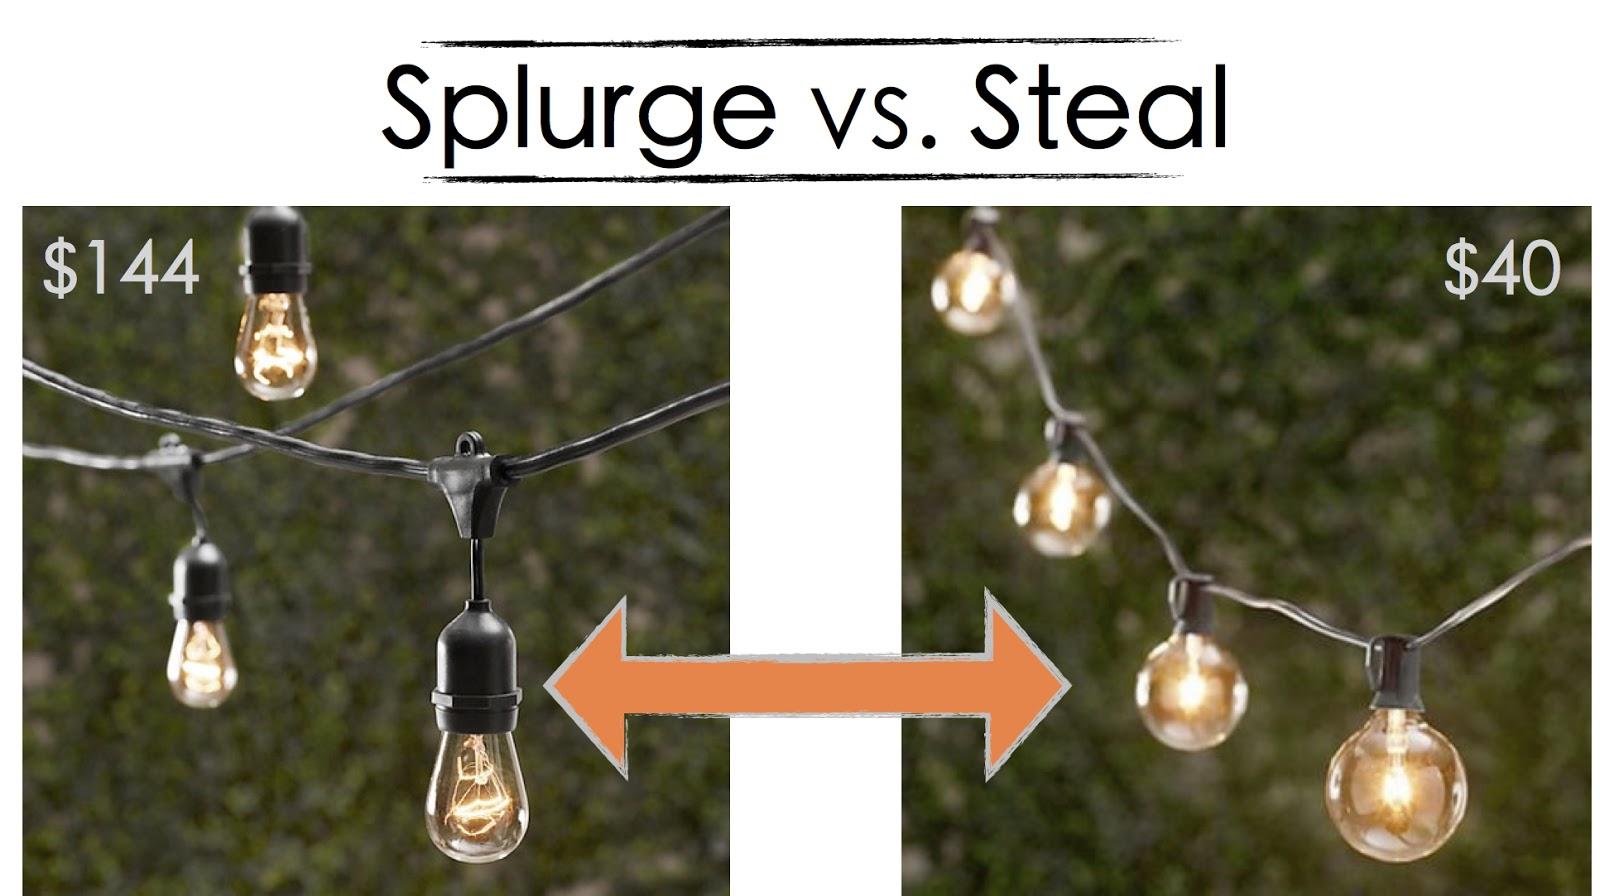 Inspired Whims Splurge Vs Steal Patio String Lights